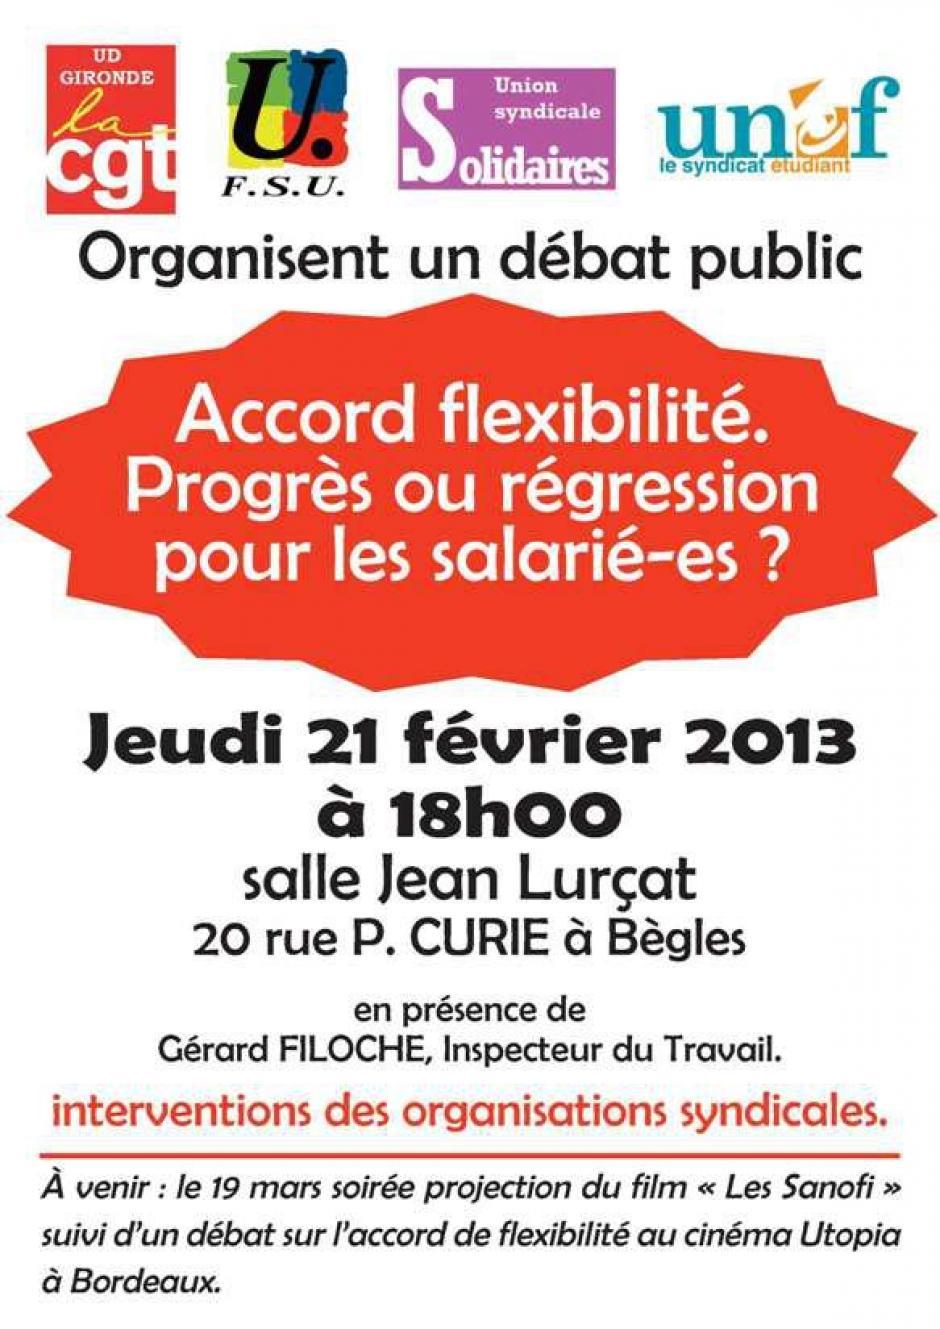 Jeudi 21 février: Débat public: Accord fexibilité, progrès ou régression pour les salariés?